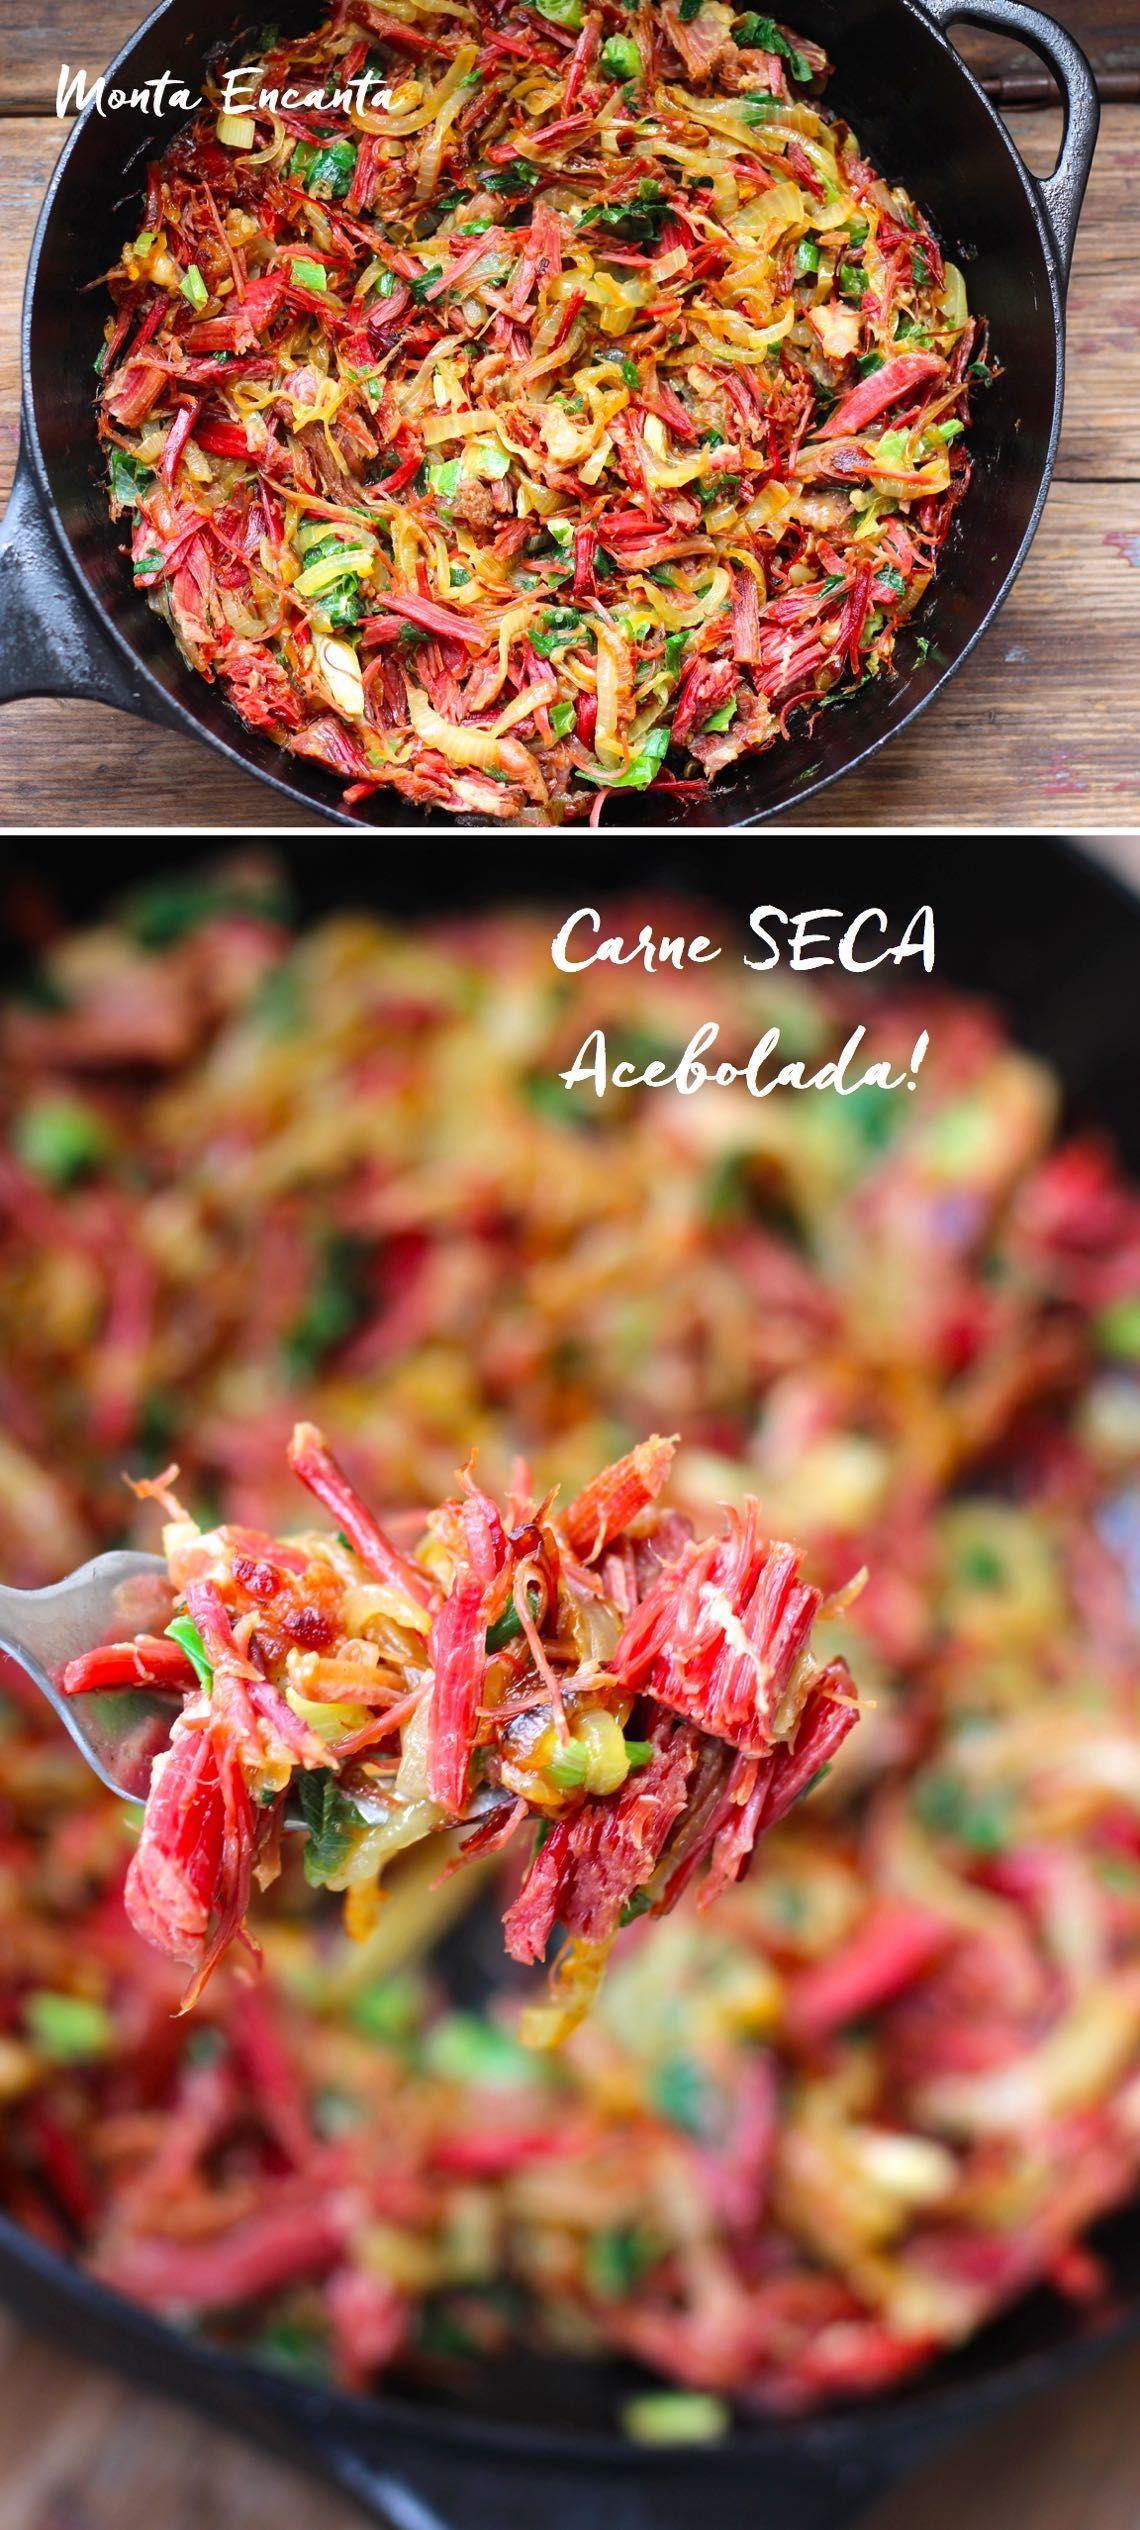 Por Cima Da Carne Seca Acebolada E Caramelizada Com Imagens